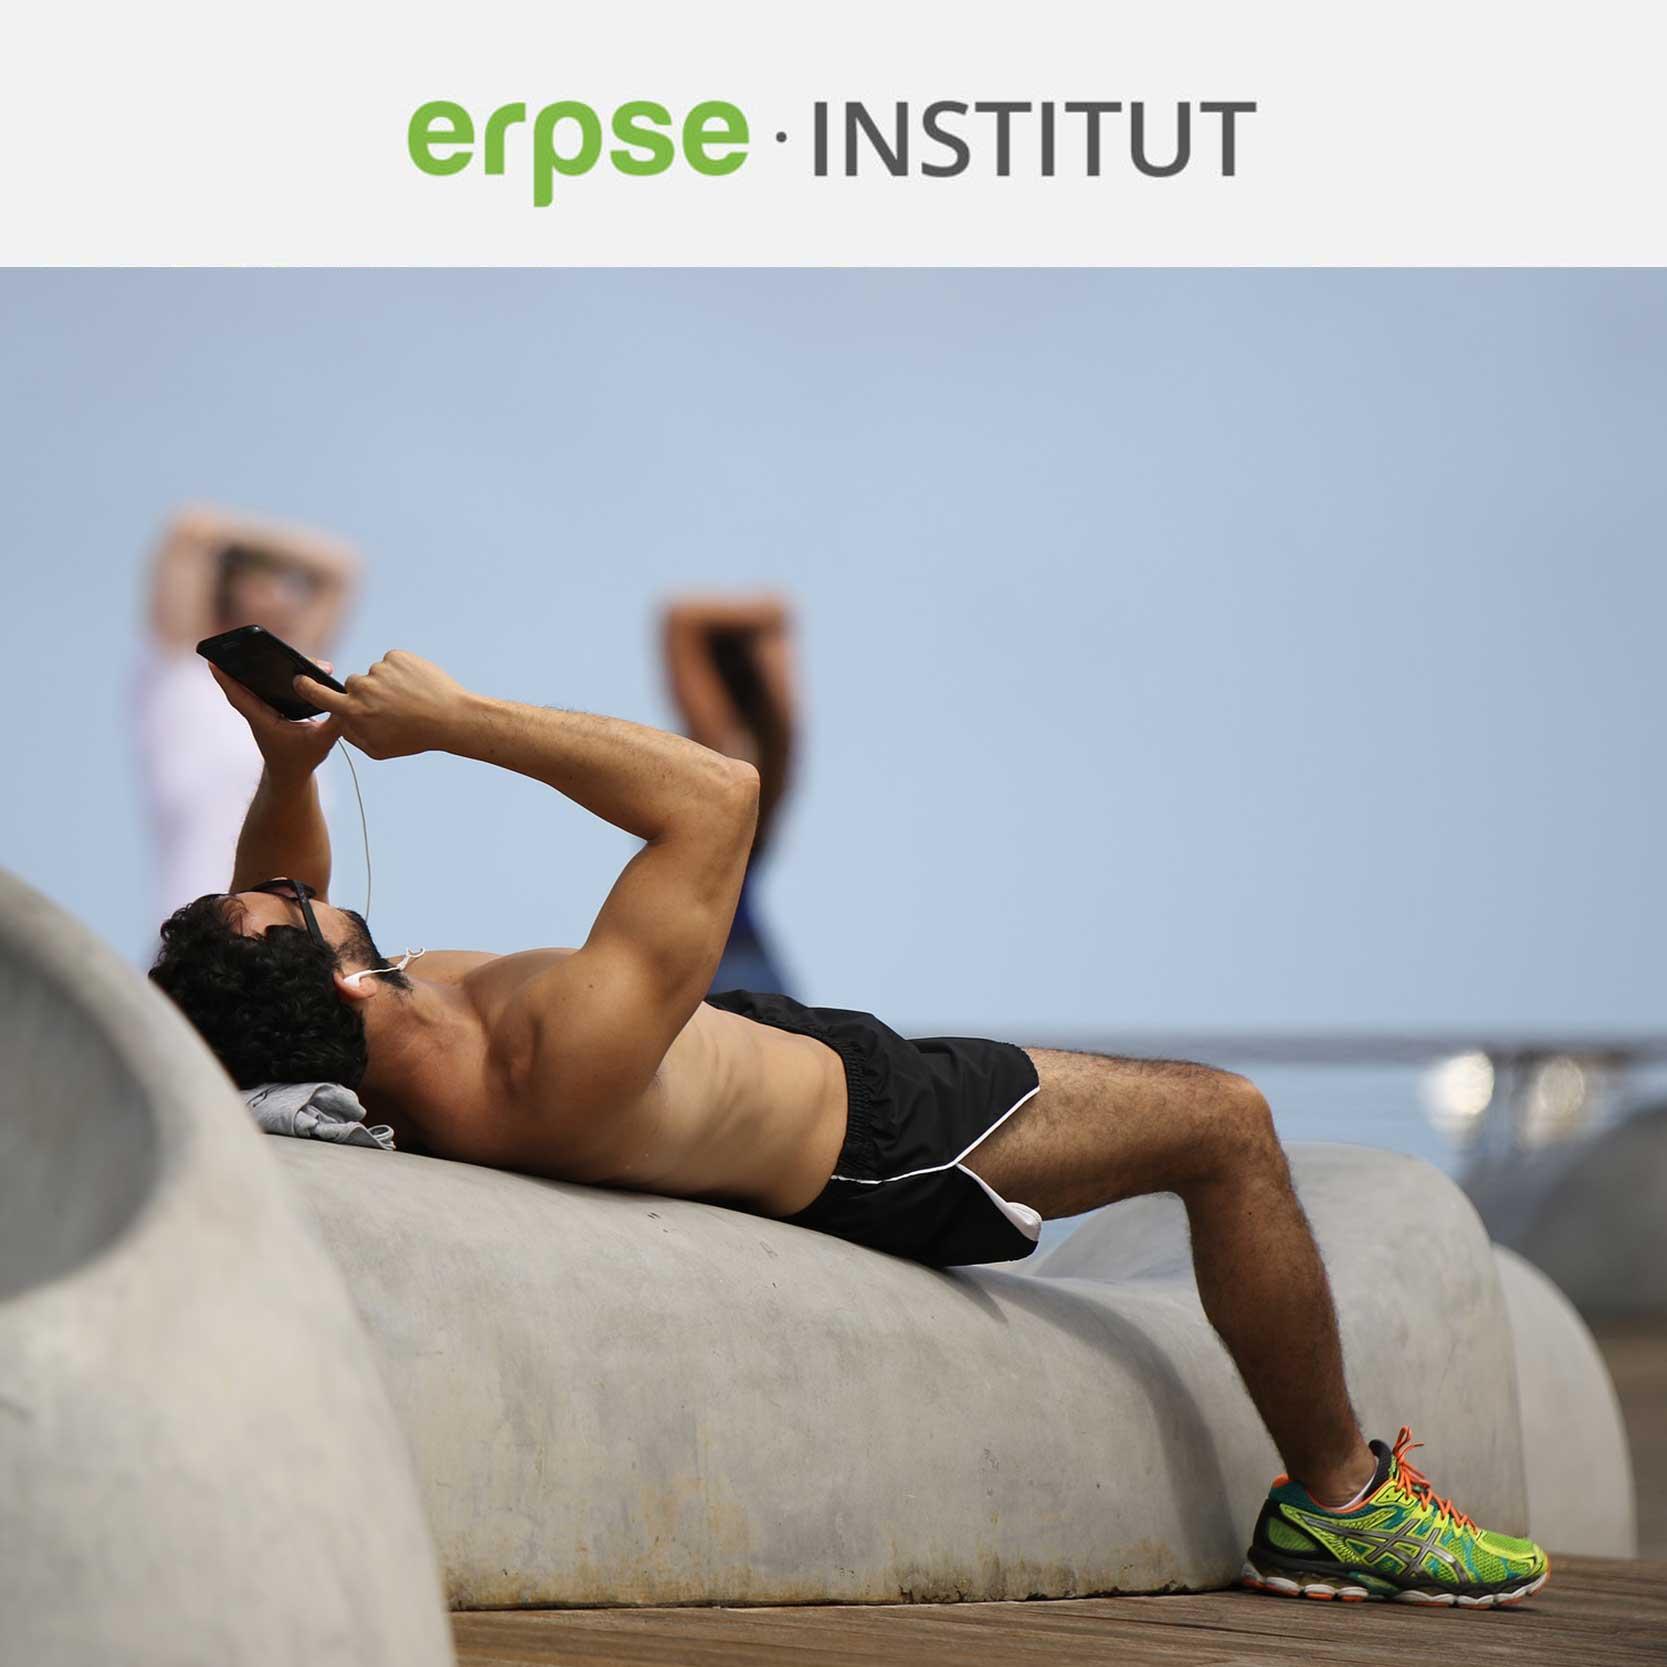 Vorlage_BLOG-Bild_erpse_Training-Mann